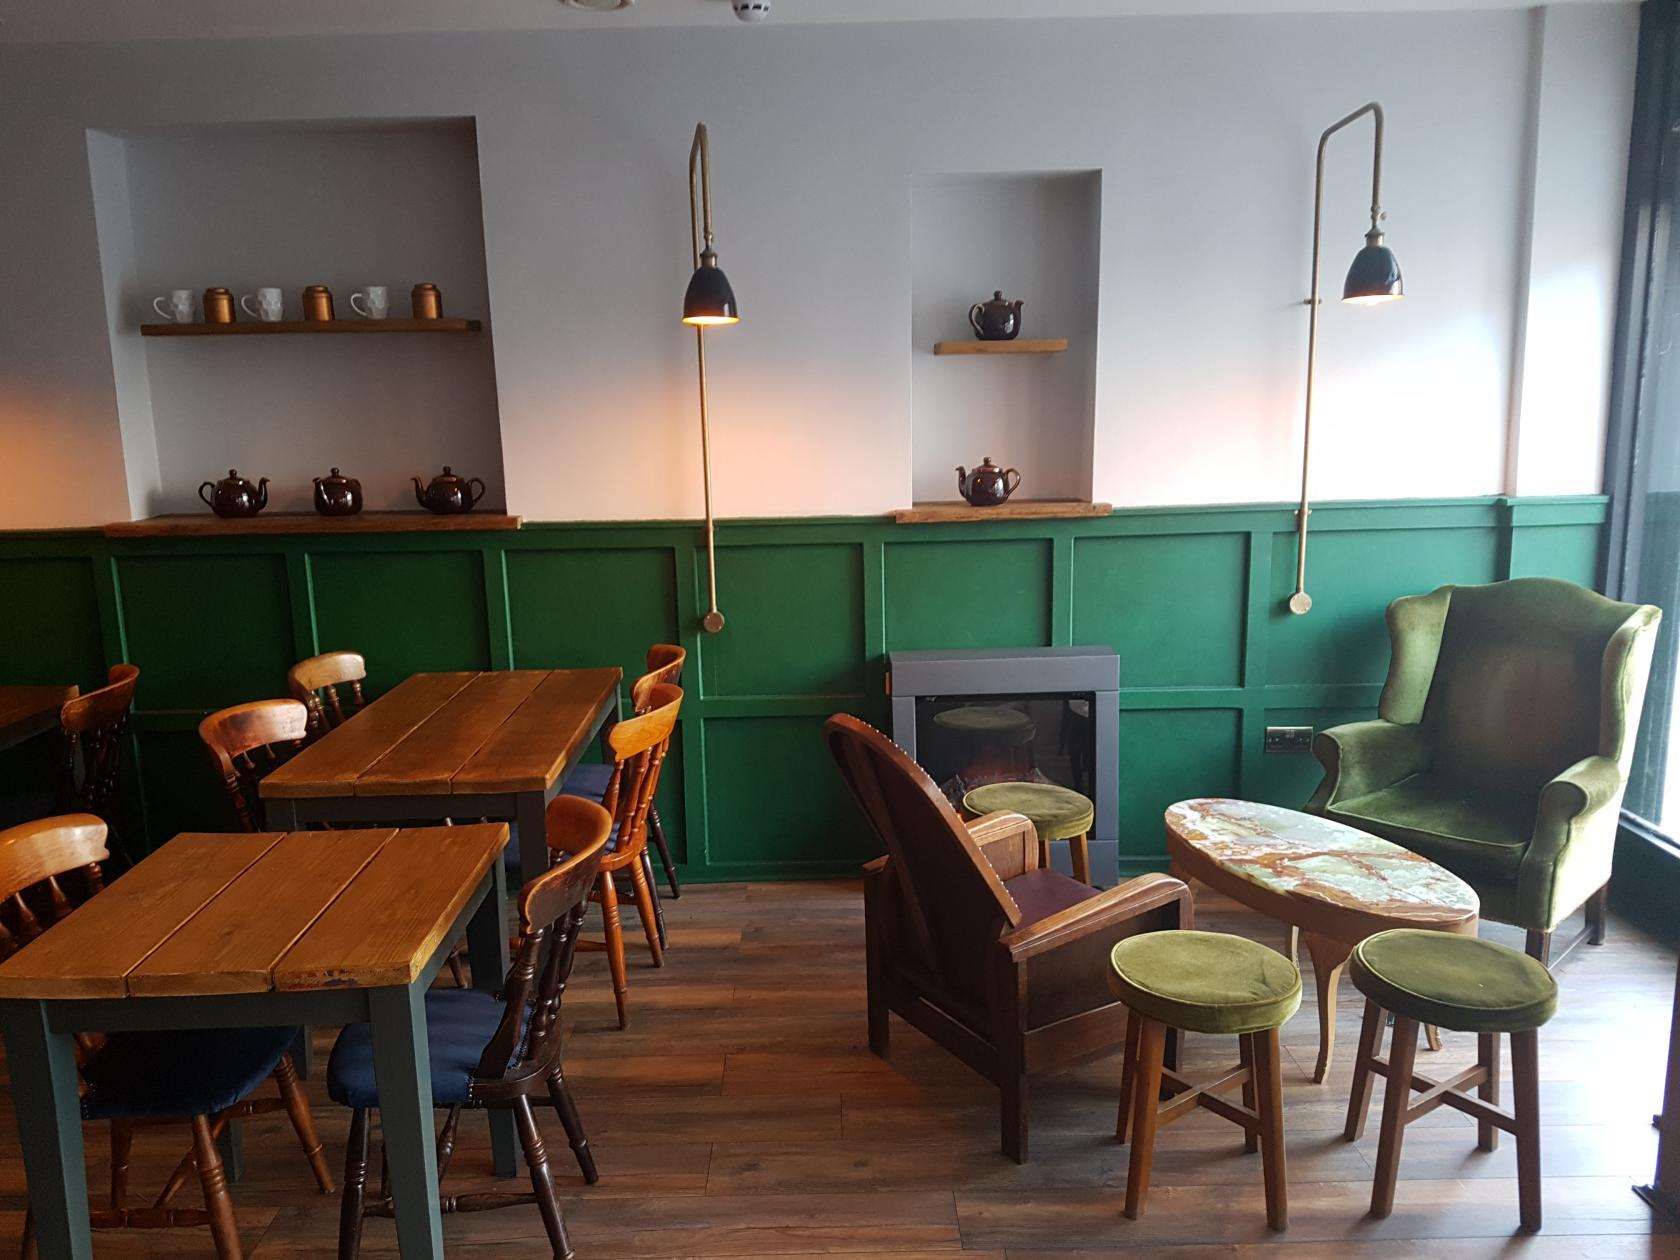 Brew The Tea Pub For Private Venue Hire Tagvenue